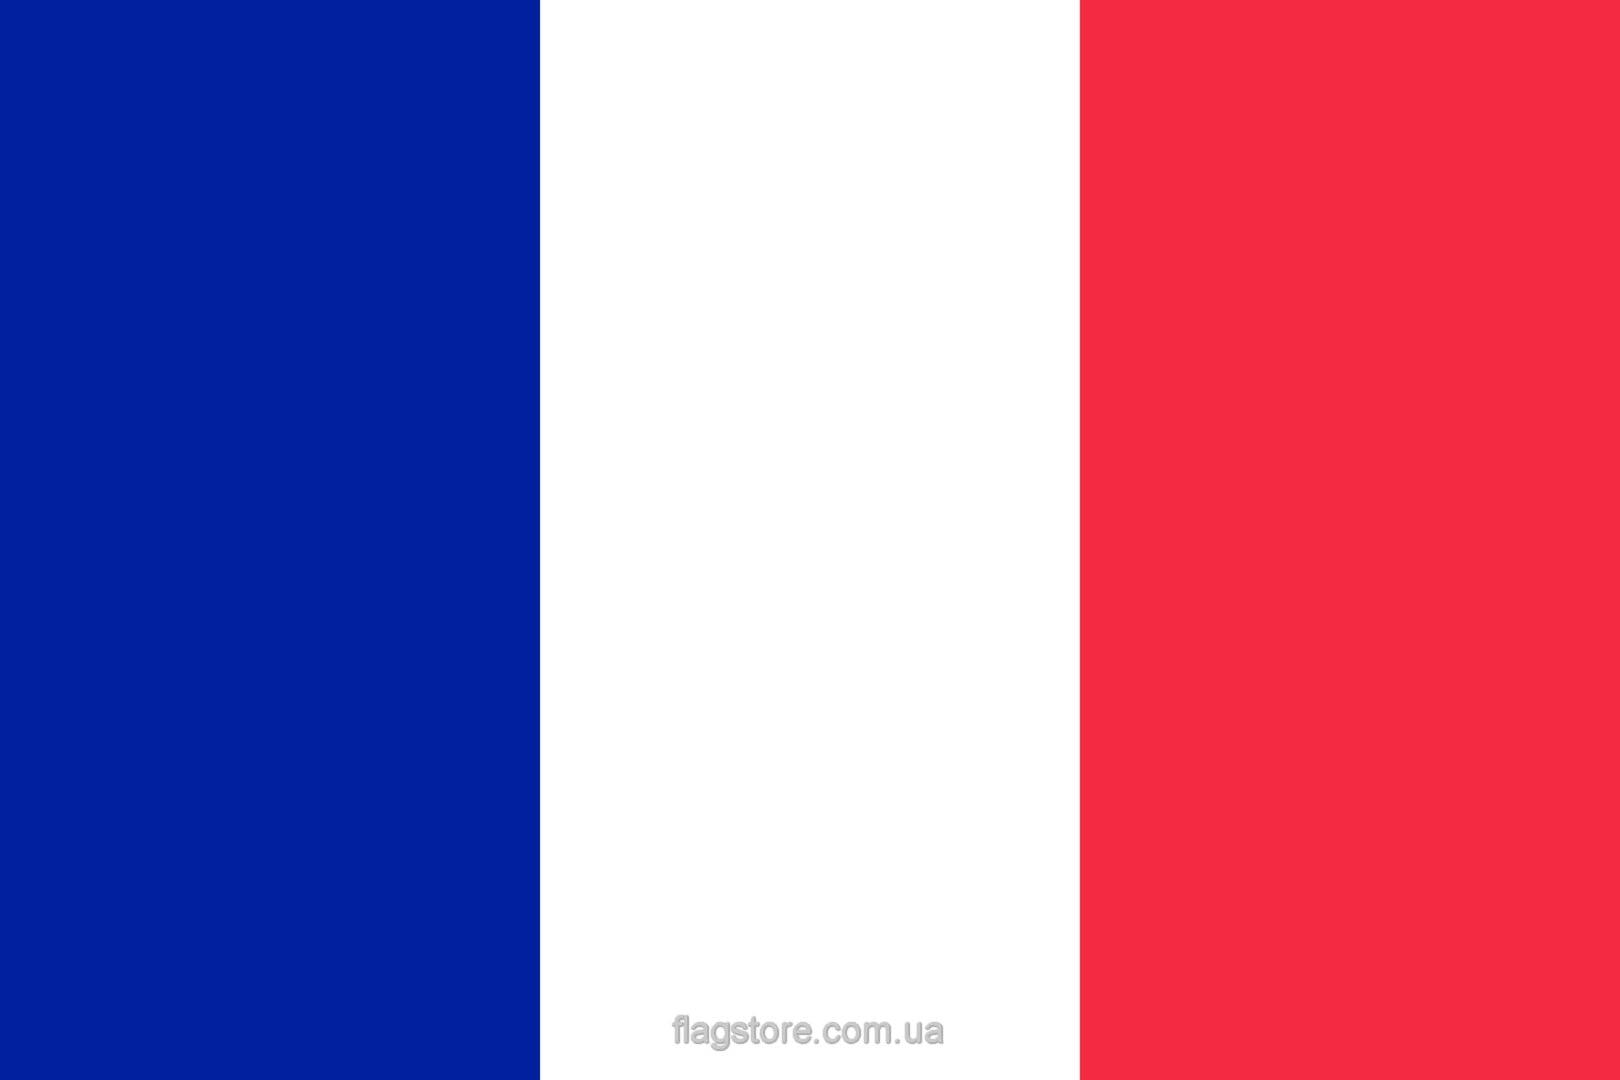 Купить флаг Франции (страны Франция)